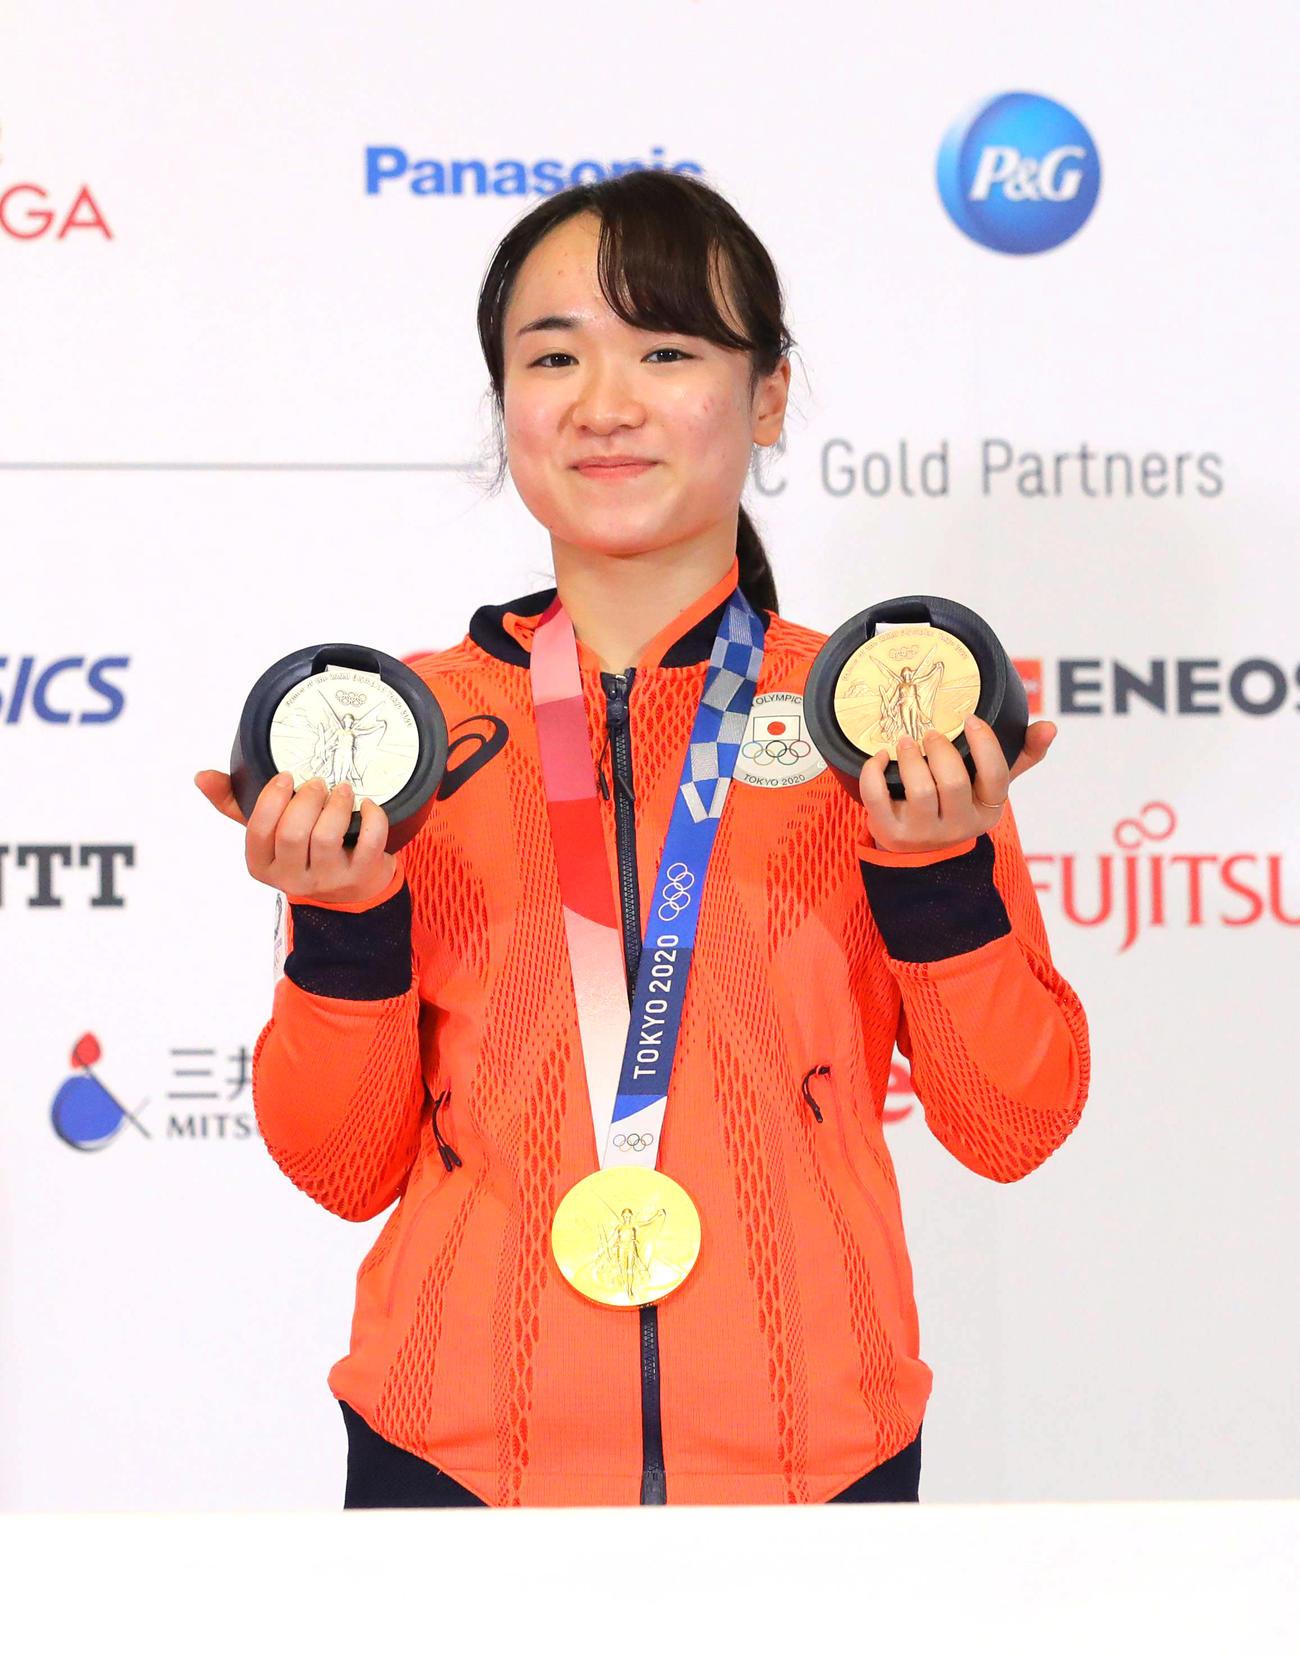 金銀銅のメダルを獲得し笑顔で写真に納まる伊藤(2021年8月7日撮影)